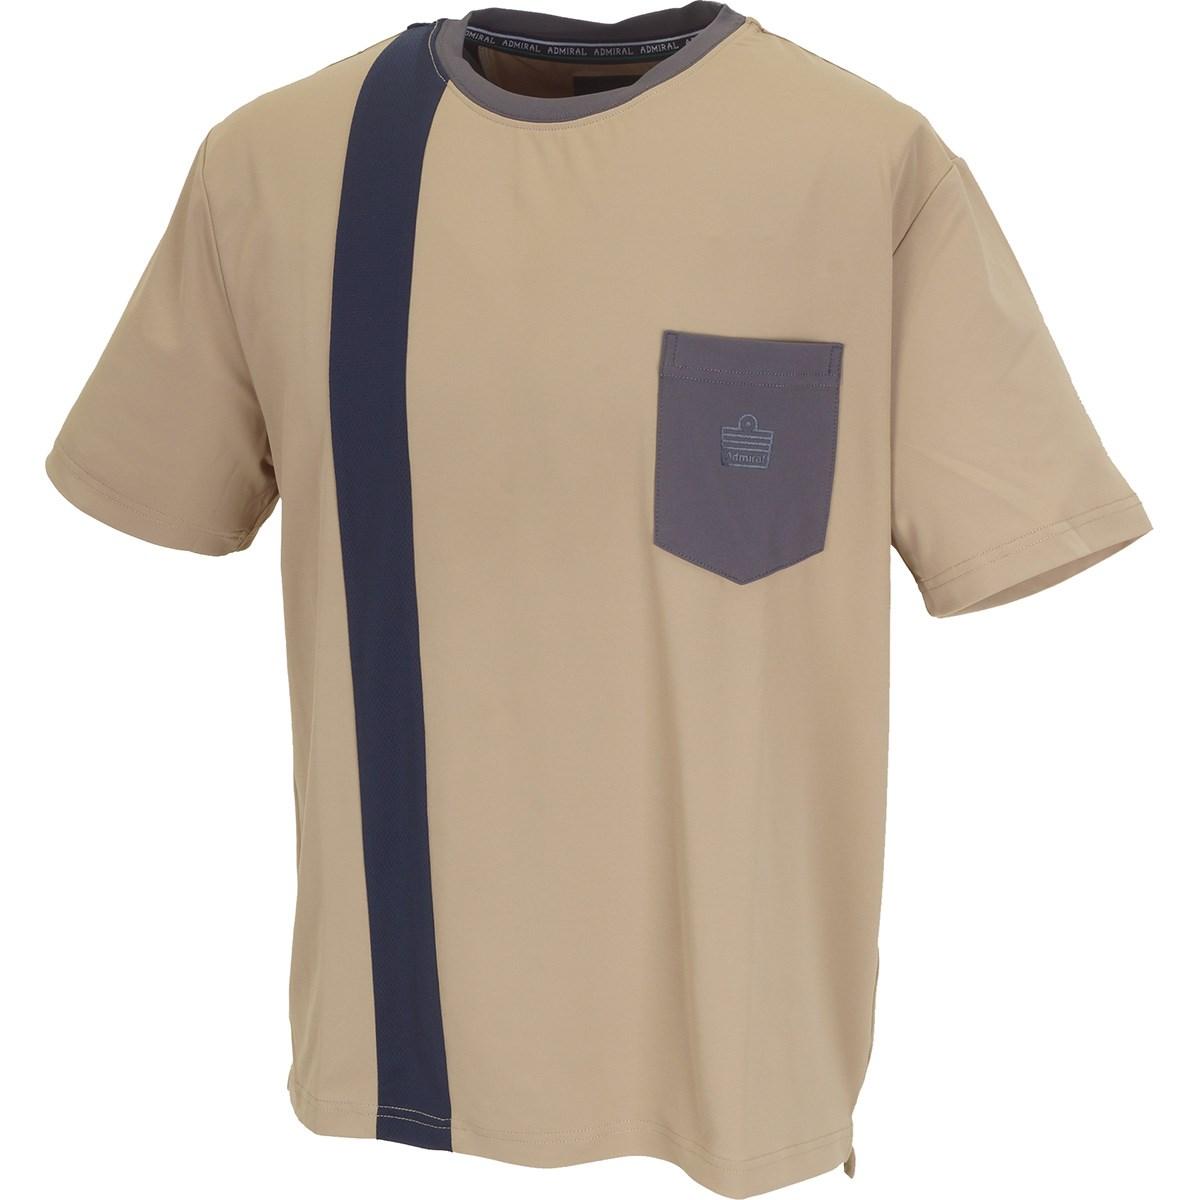 アドミラル ヴァーティカルロゴ プラクティス半袖Tシャツ